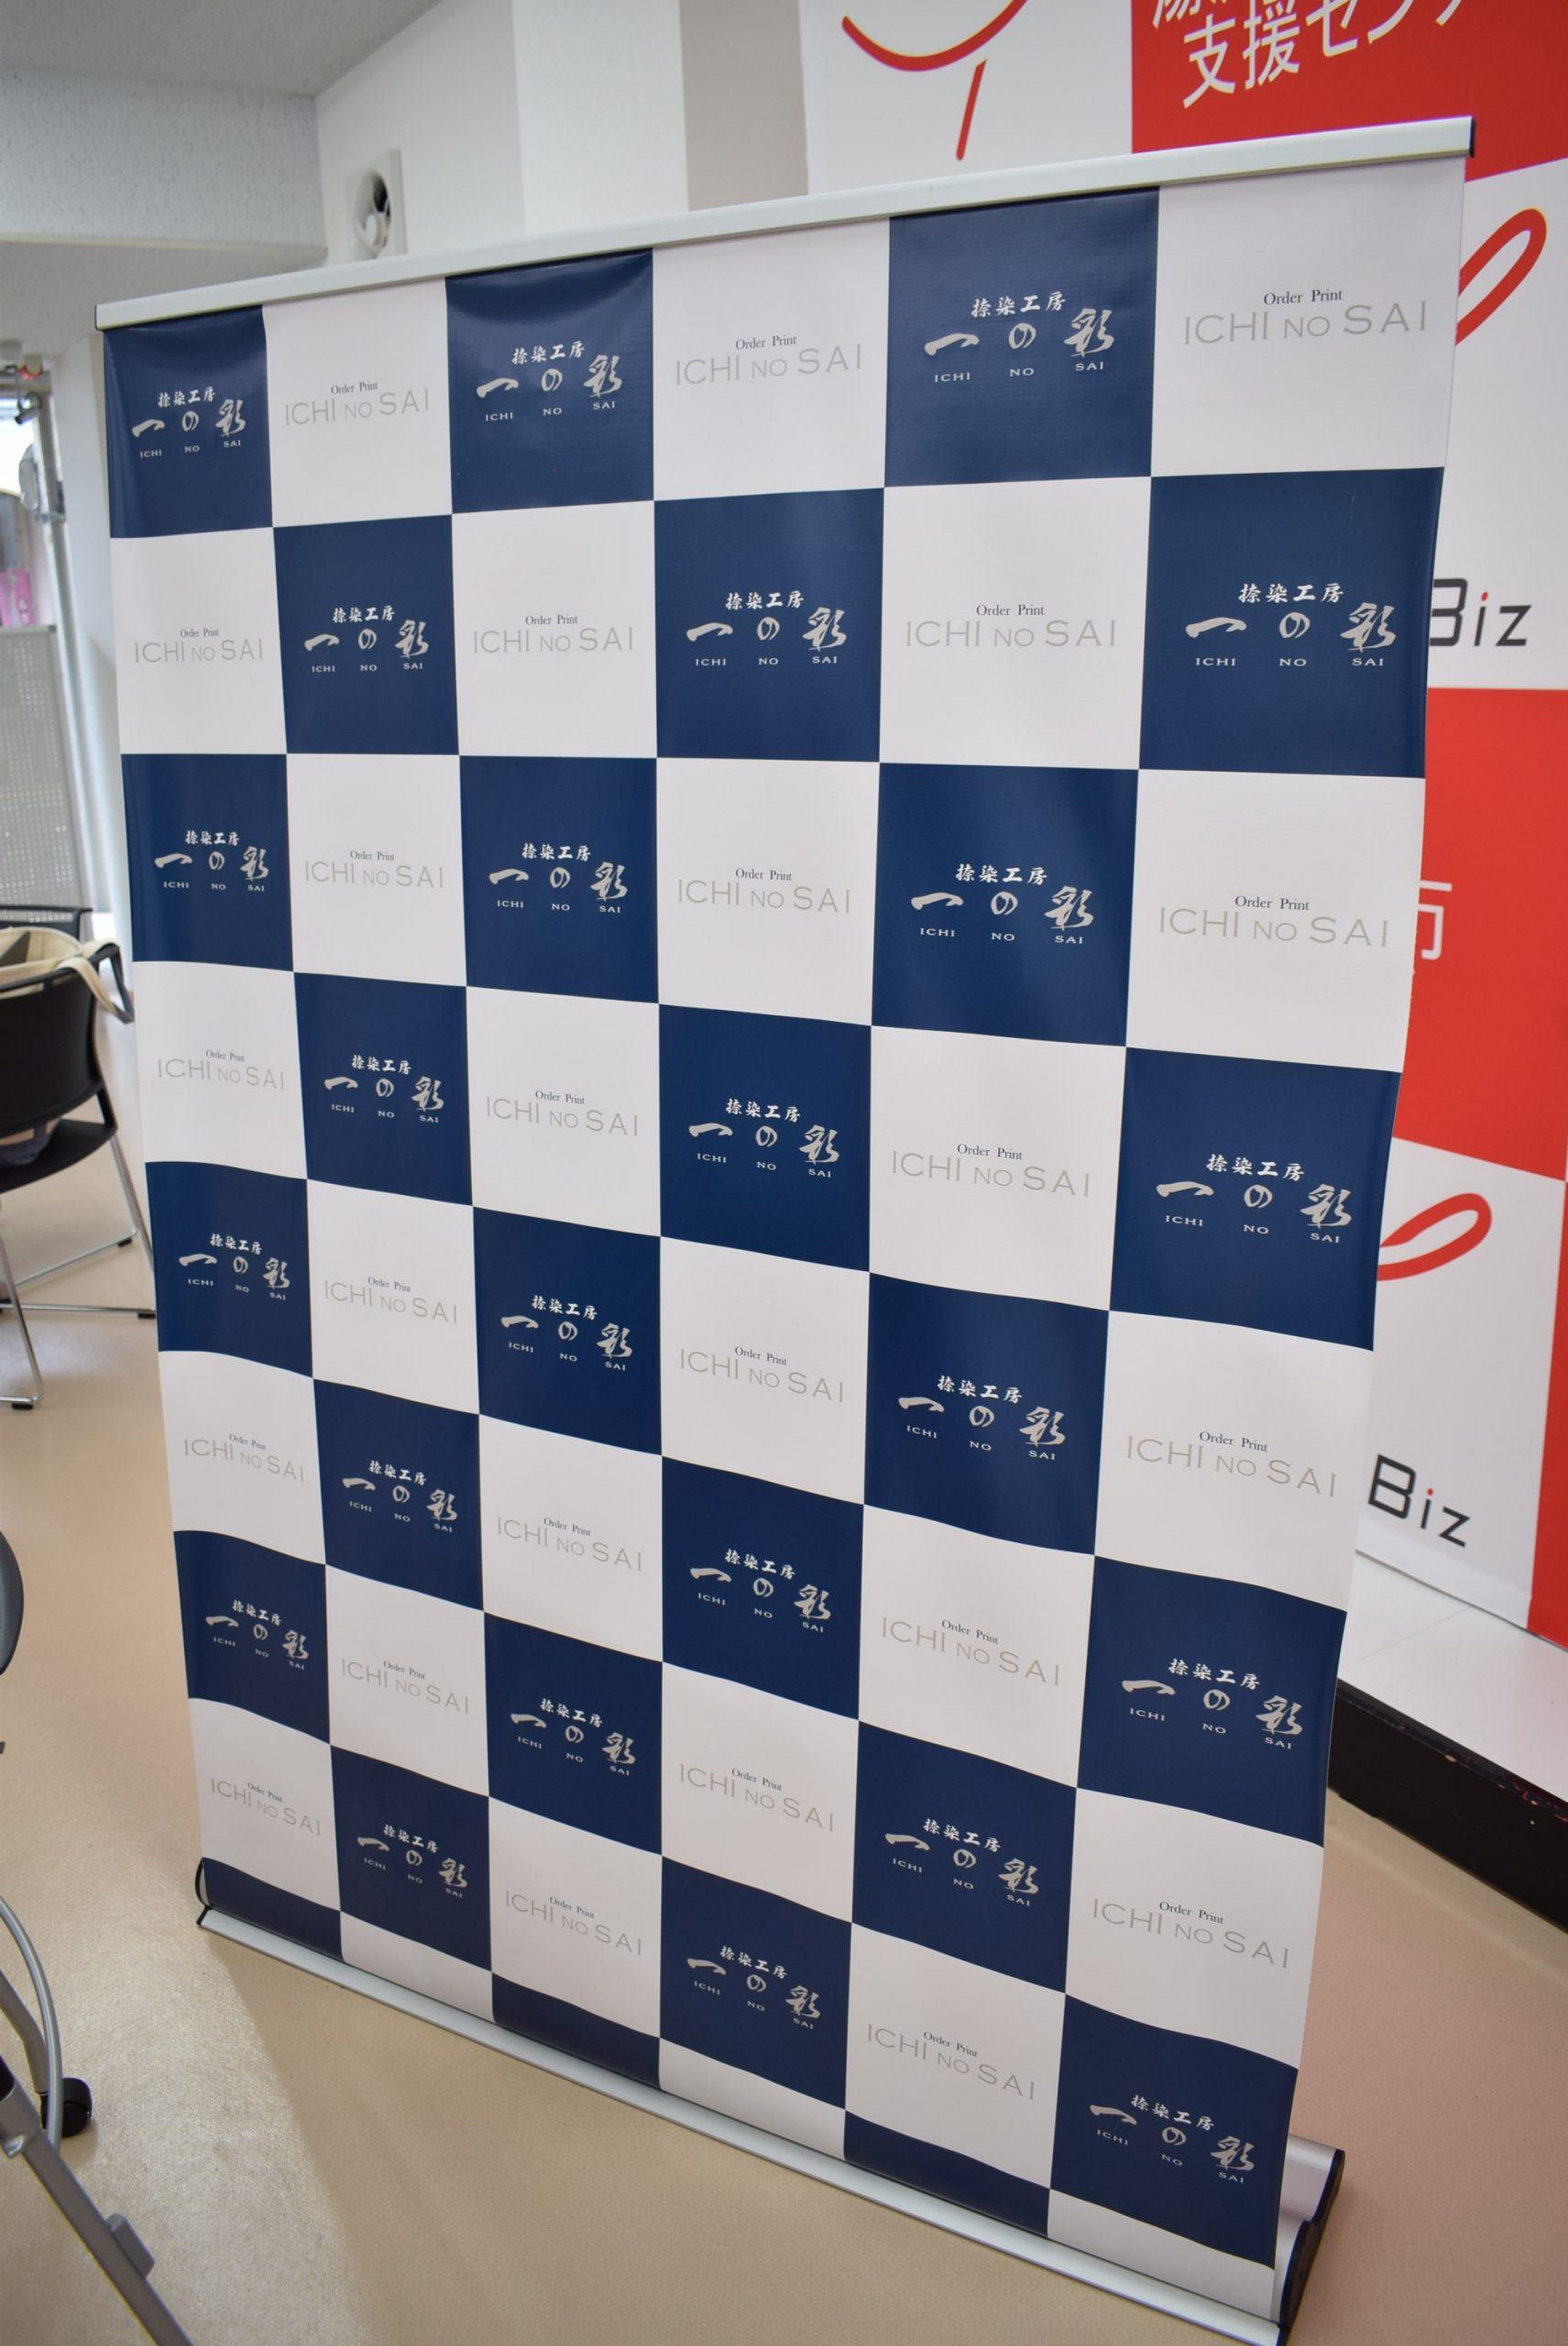 ぬまくら(ICHINOSAI)【自社の強みを活かして敏感にビジネスチャンスを読む】